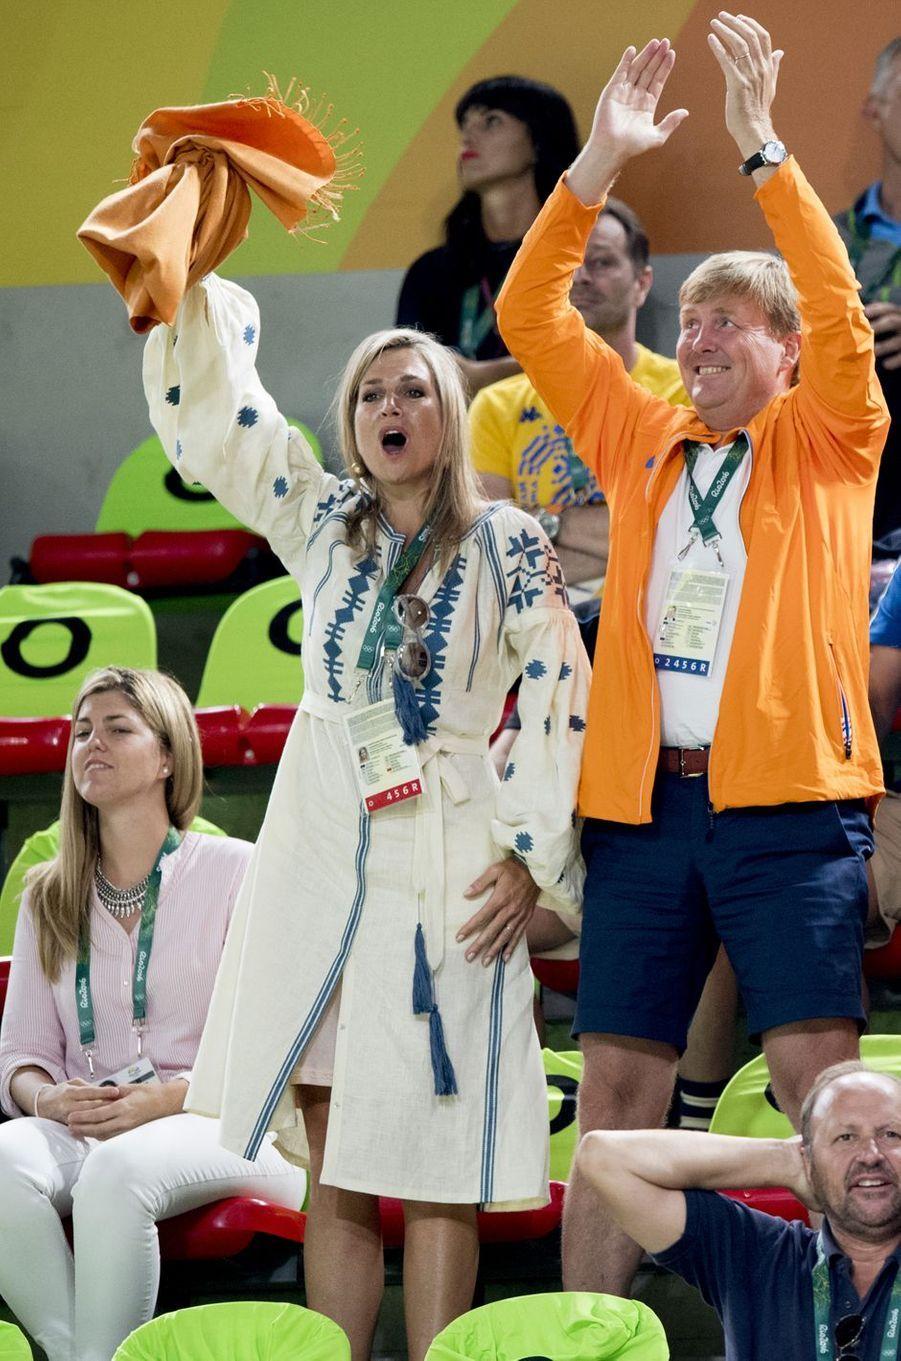 La reine Maxima des Pays-Bas, avec le roi Willem-Alexander, aux JO de Rio, le 15 août 2016